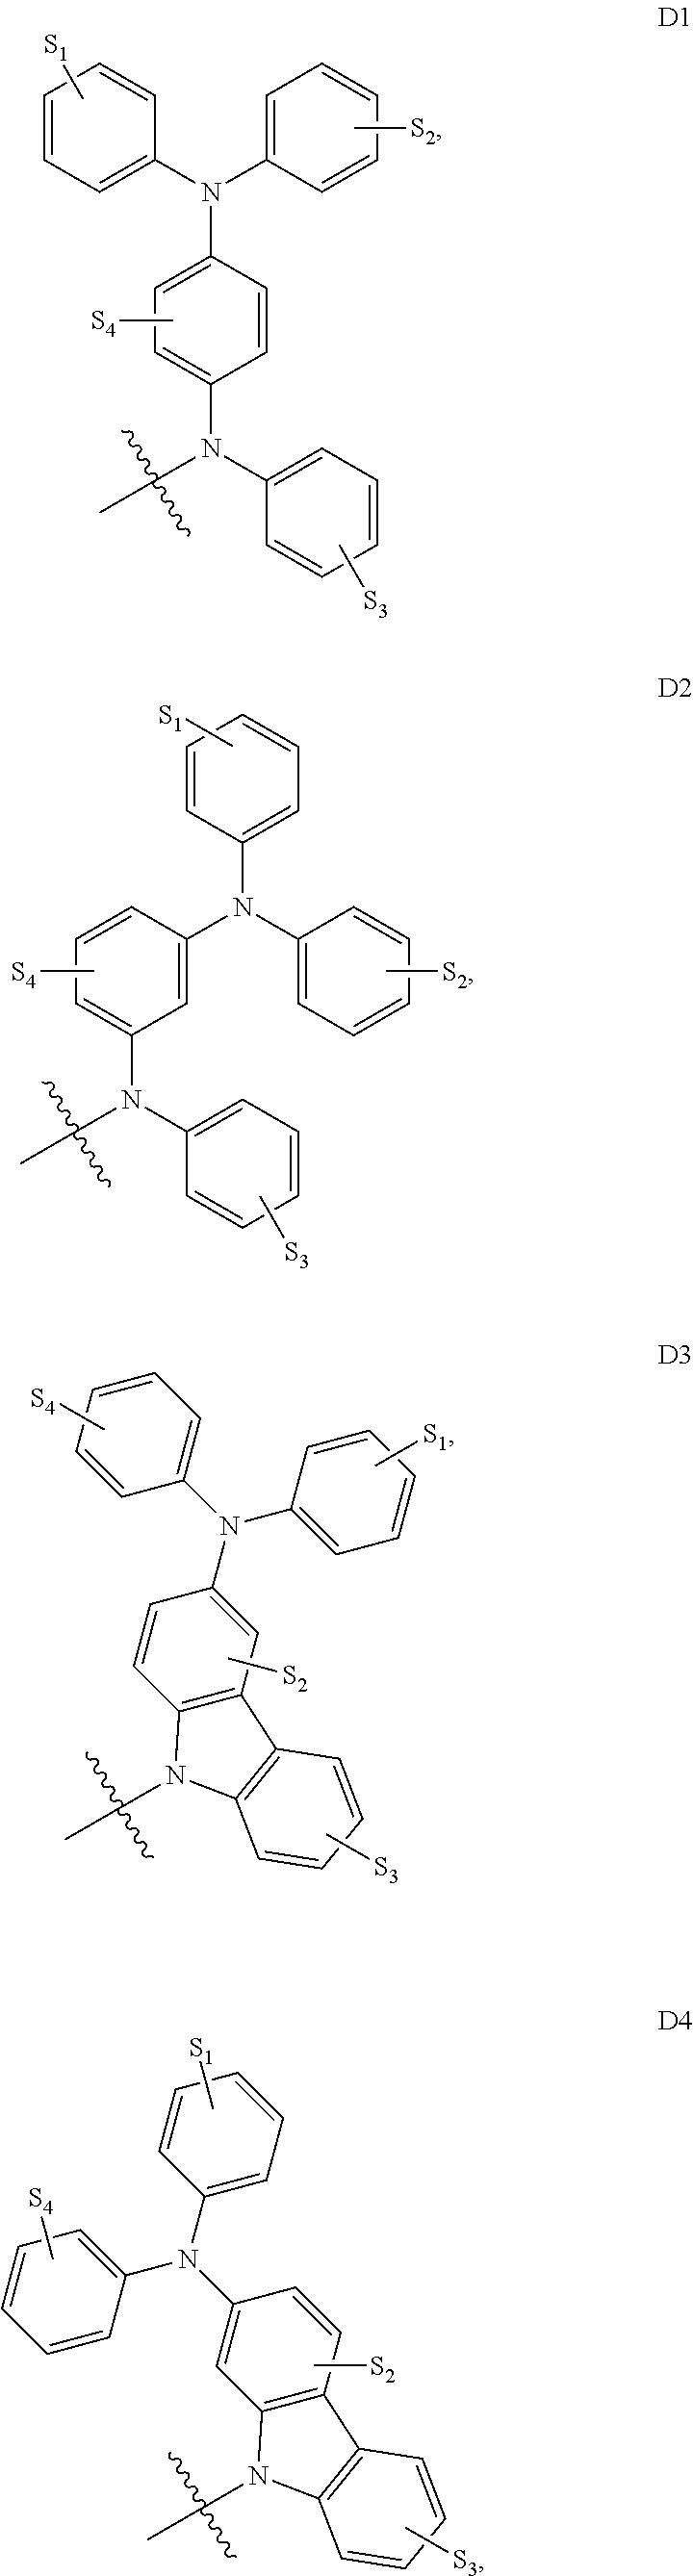 Figure US09324949-20160426-C00046